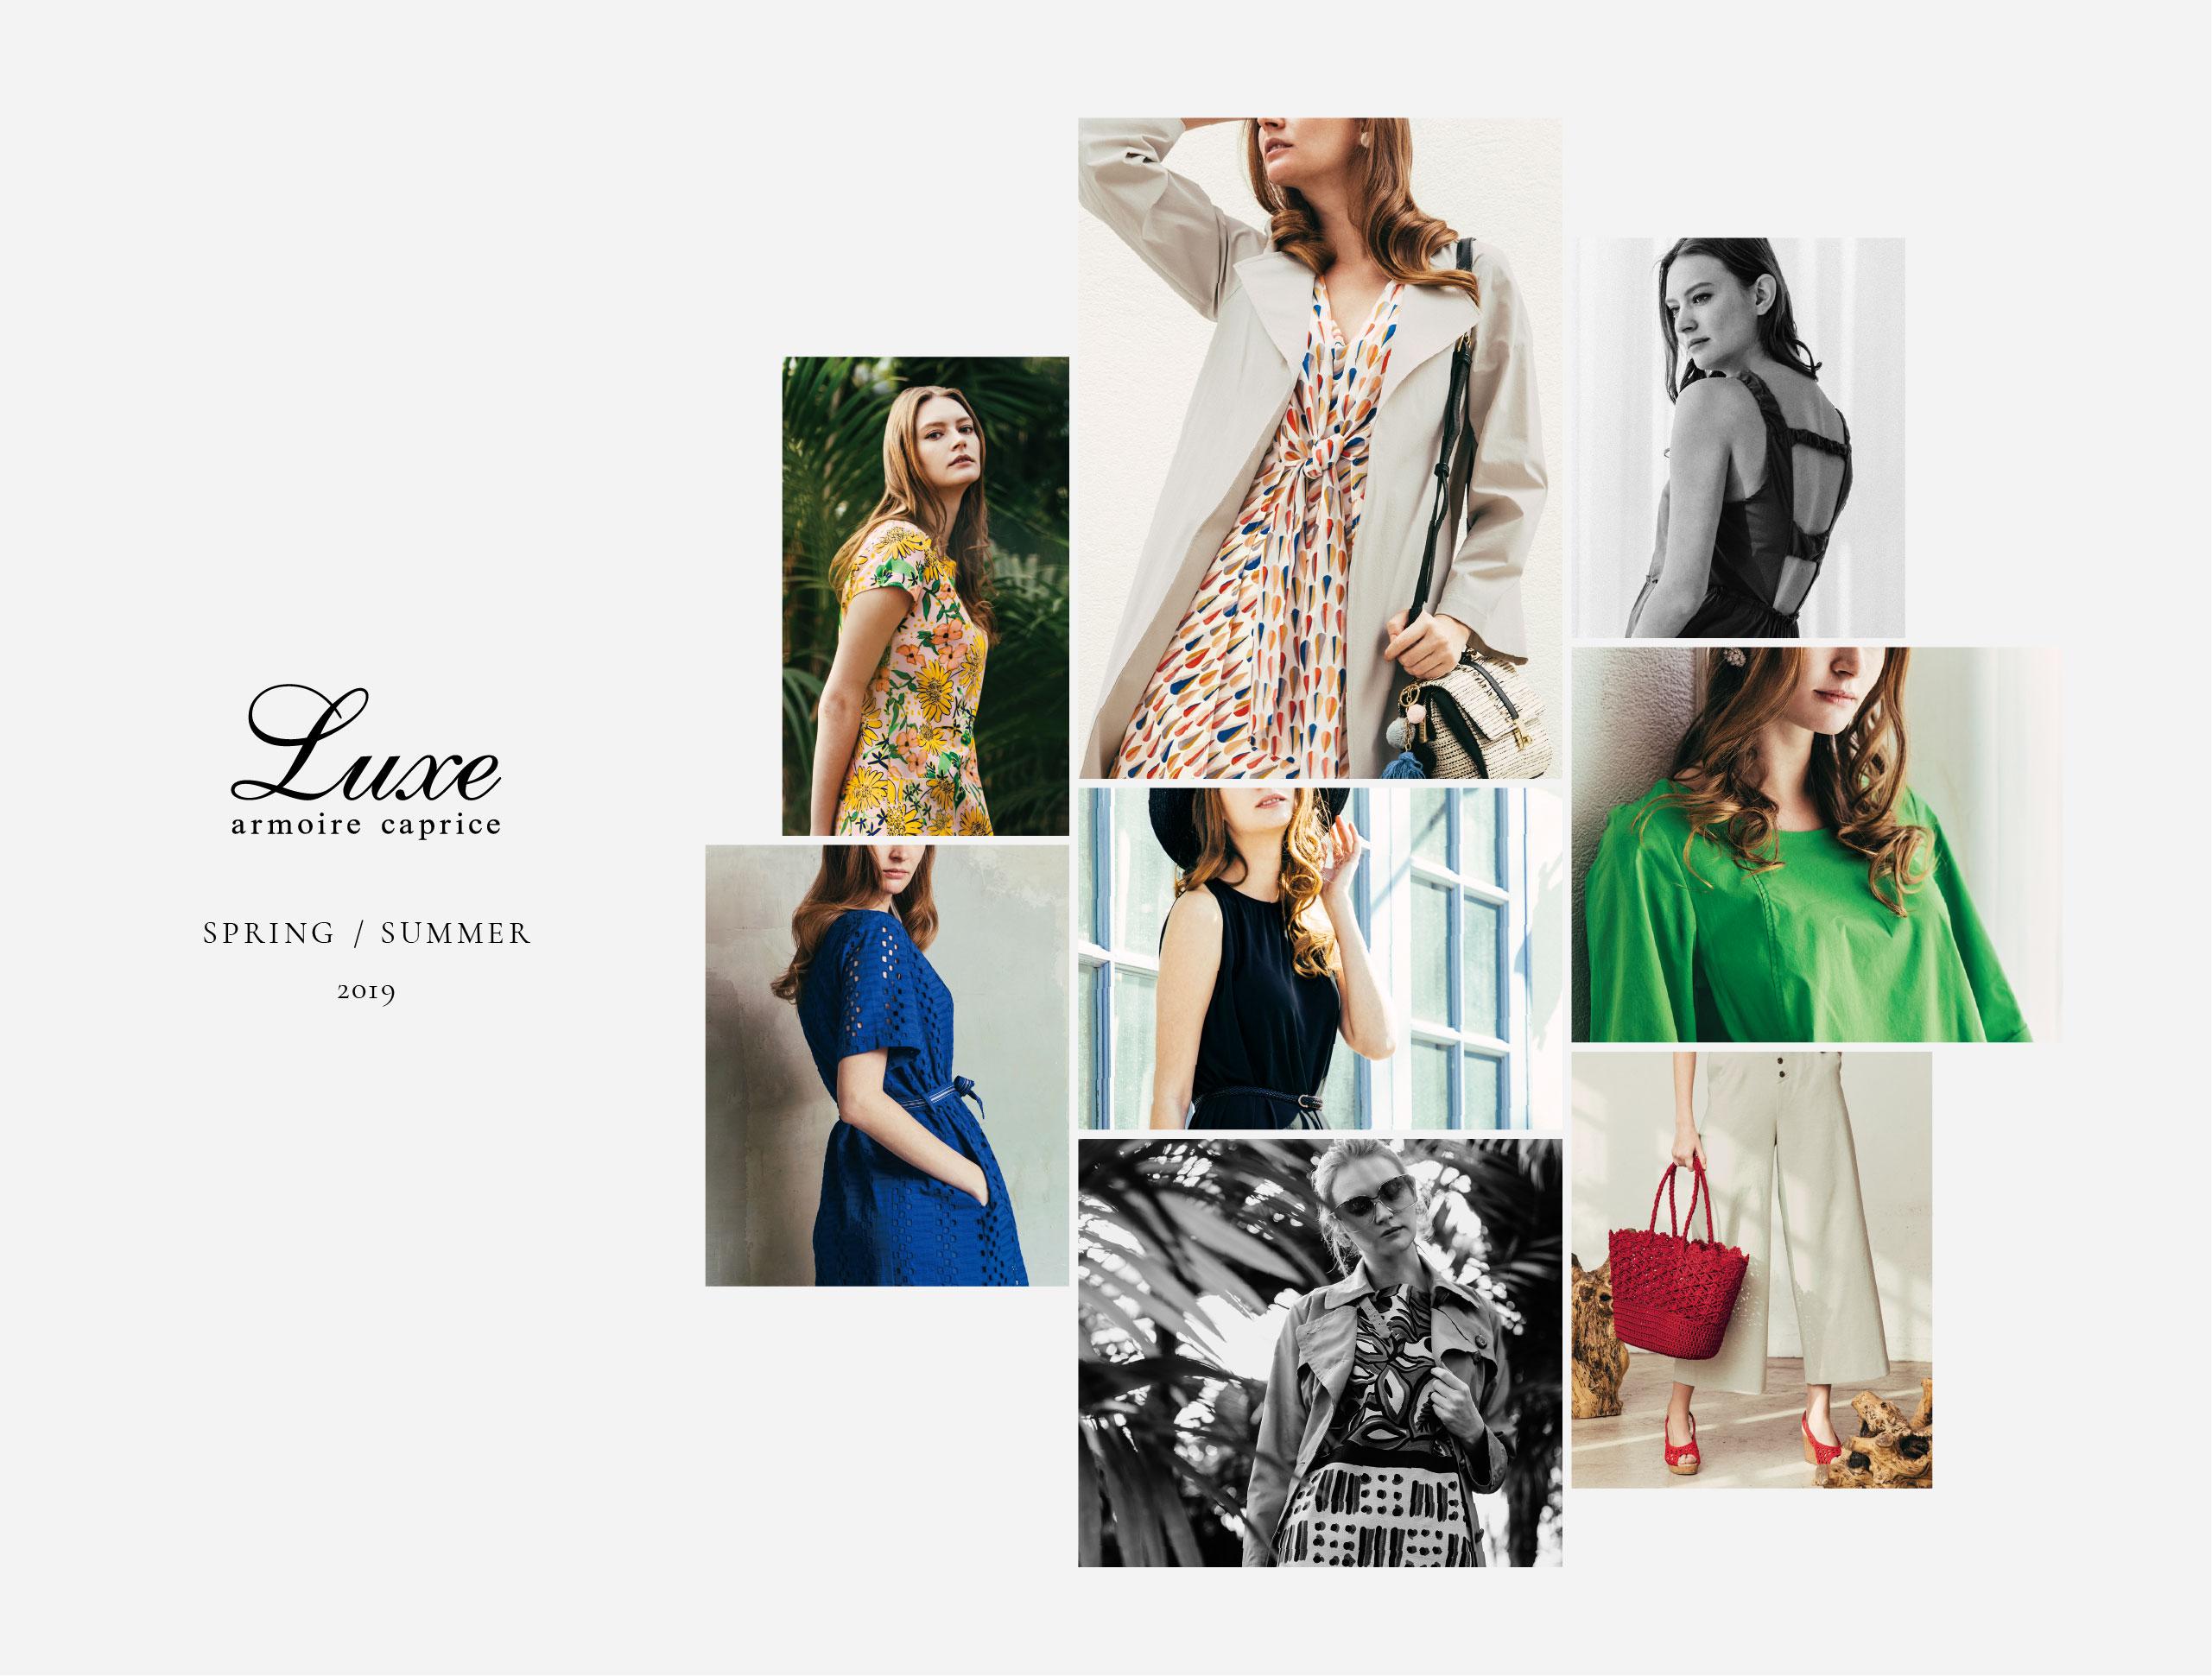 Luxe armoire caprice 2019 S/S